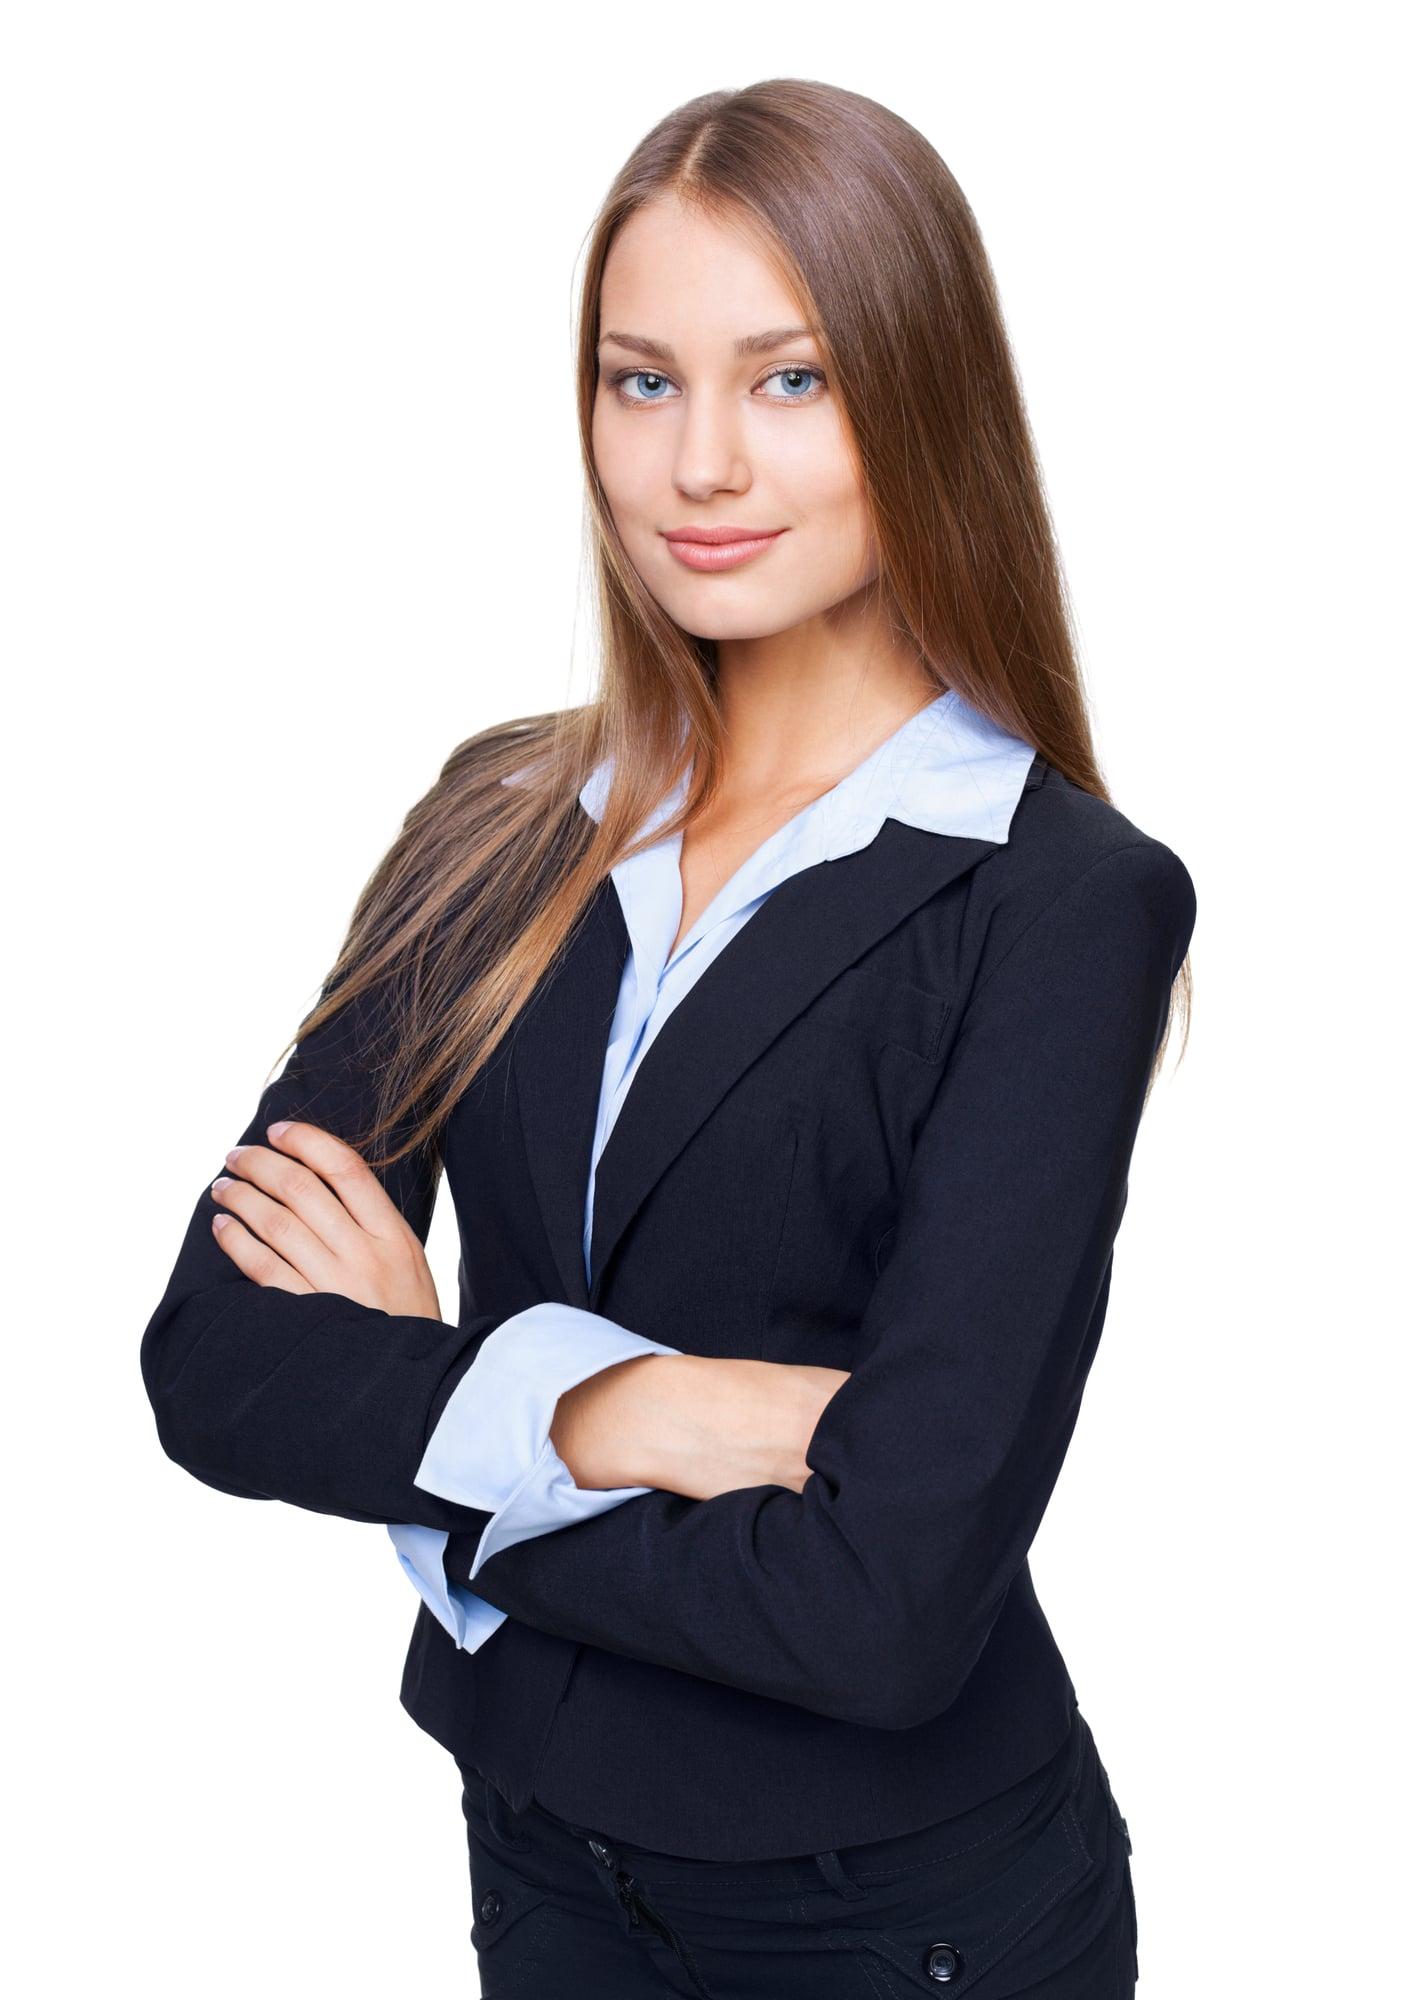 כיצד נשות עסקים מנהלות קריירה ומצליחה ומשפחה